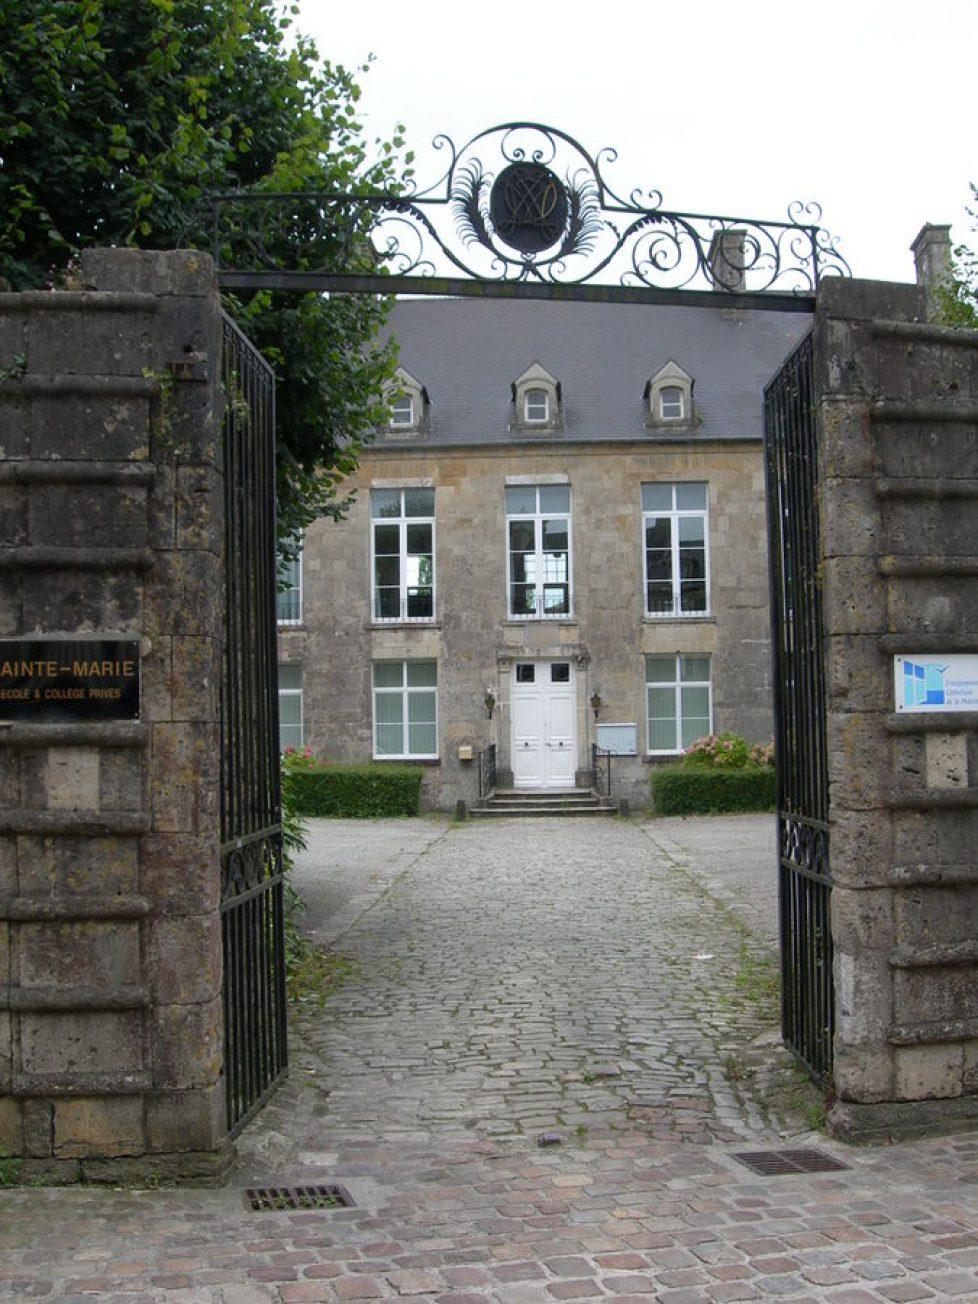 675px-Hotel_du_Mesnildot_de_la_Grille_Portail